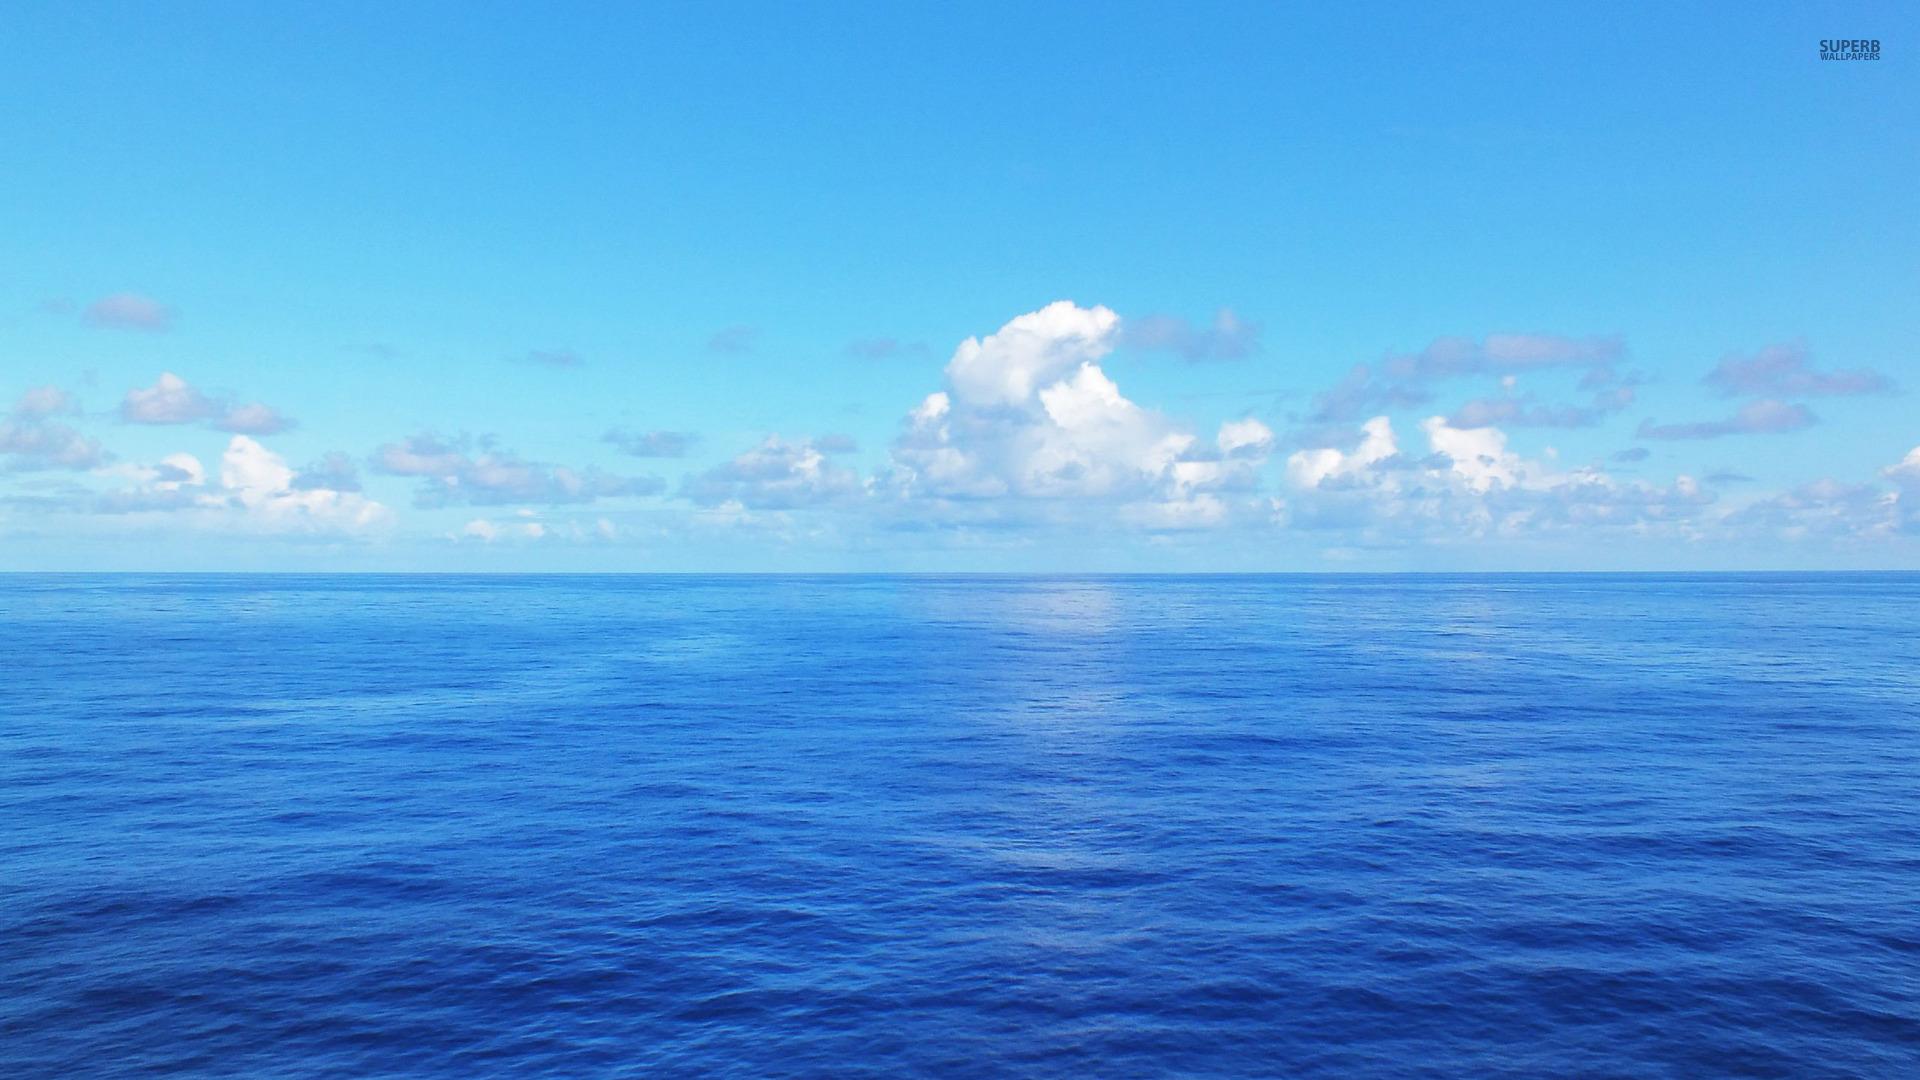 HQ Ocean Wallpapers | File 482.93Kb